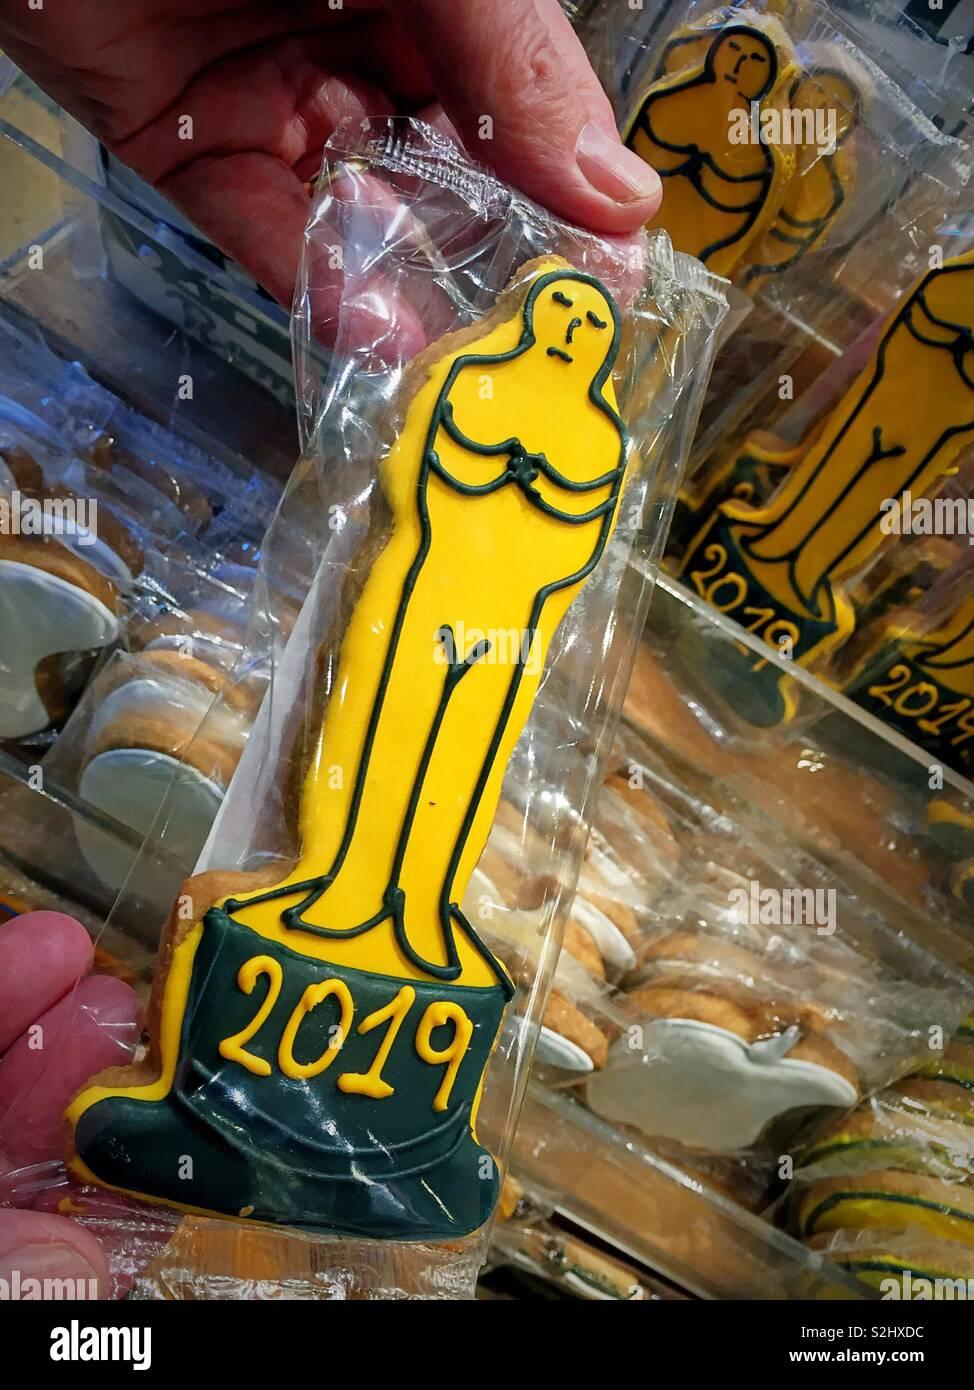 Oscar estatua de oro en forma de cookie para venta en una panadería de la ciudad de Nueva York, Nueva York, EE.UU. Imagen De Stock